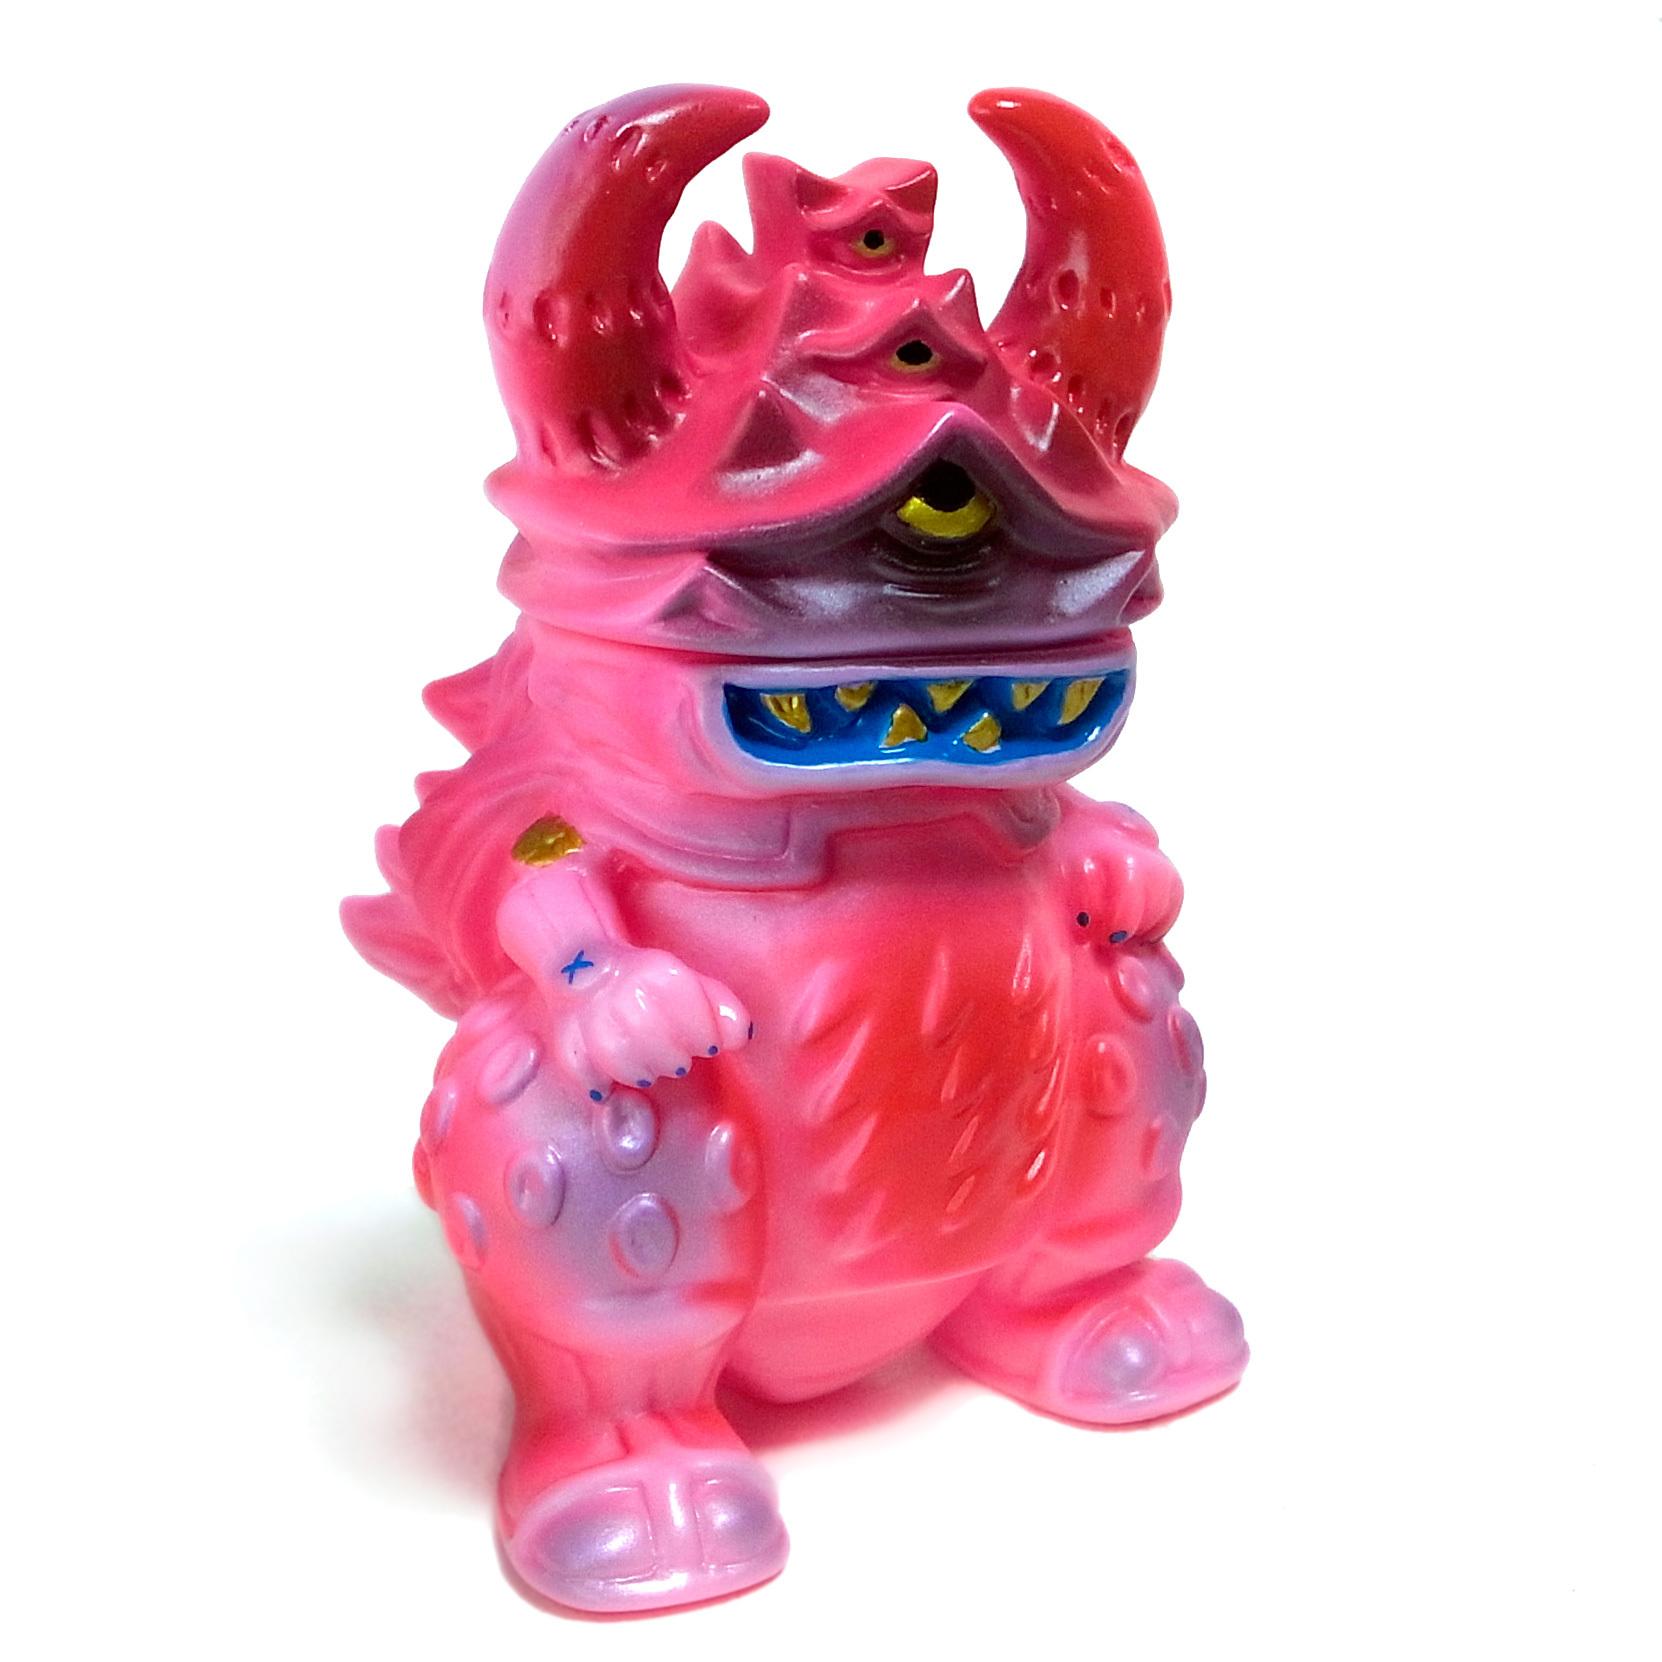 戦国女子妄想怪獣 ガジョラ gumtaro彩色 ピンク